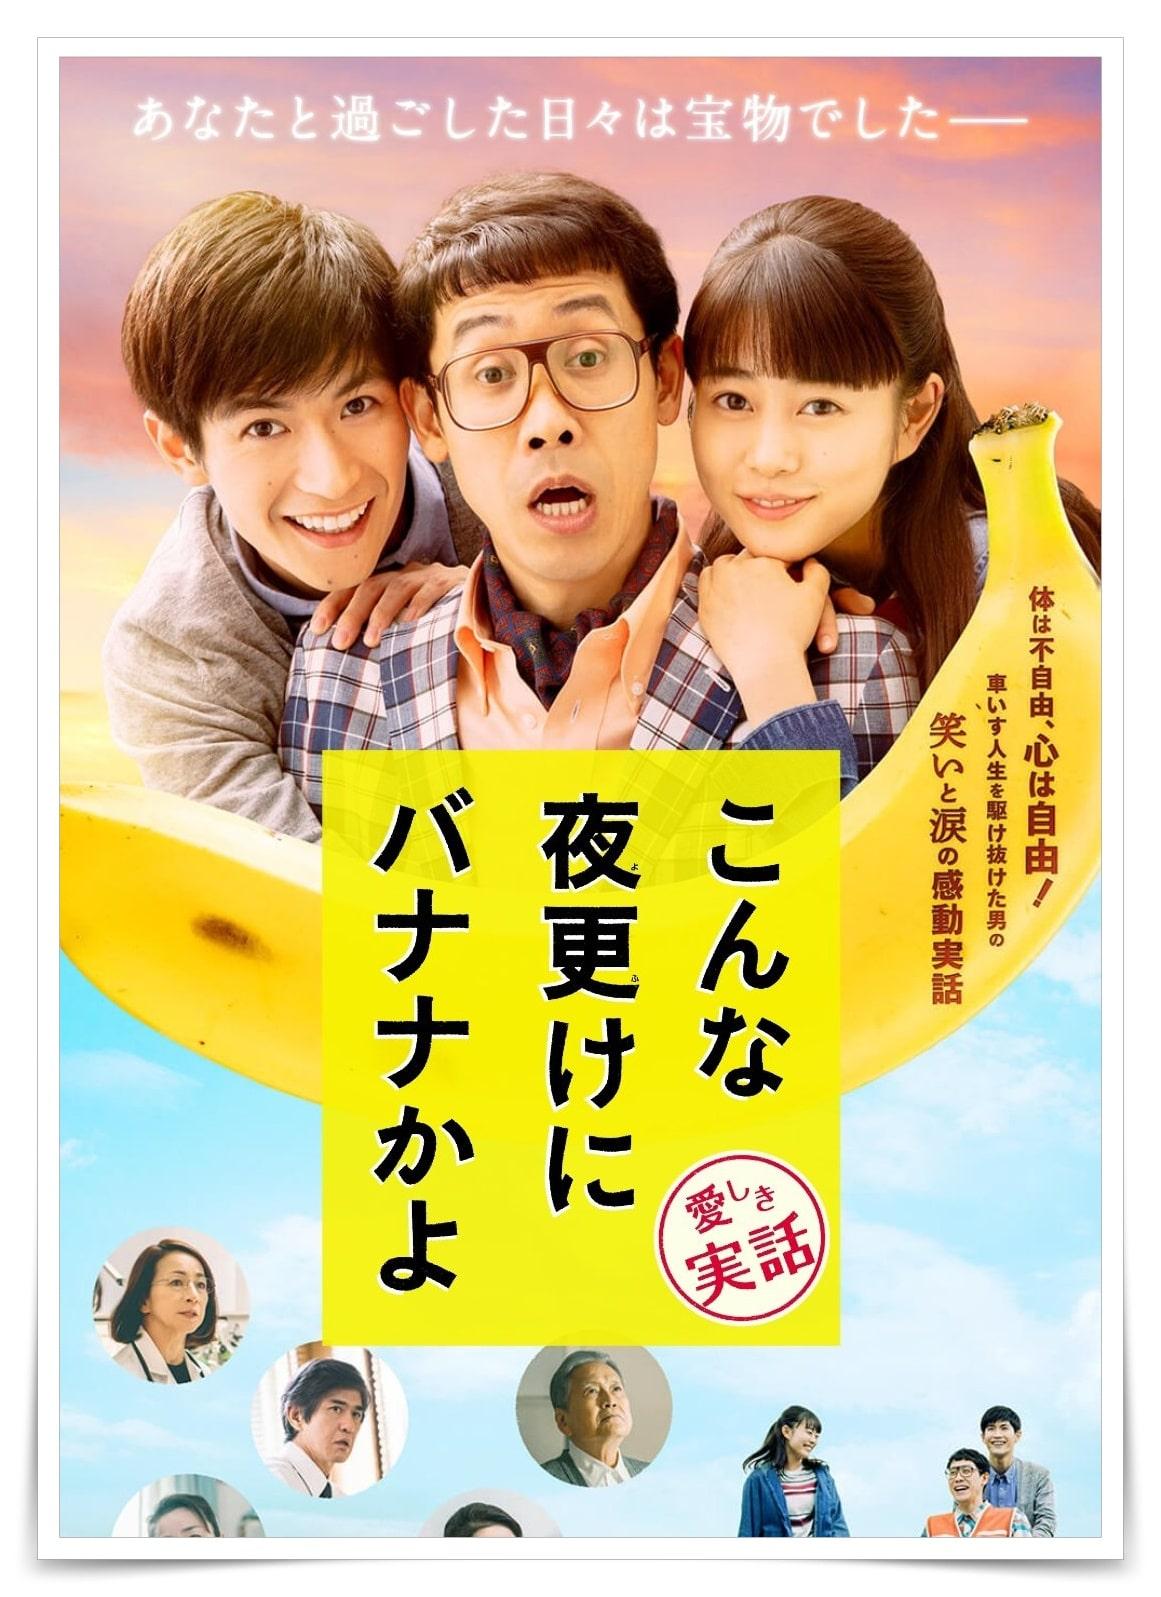 三浦春馬のドラマと映画の画像